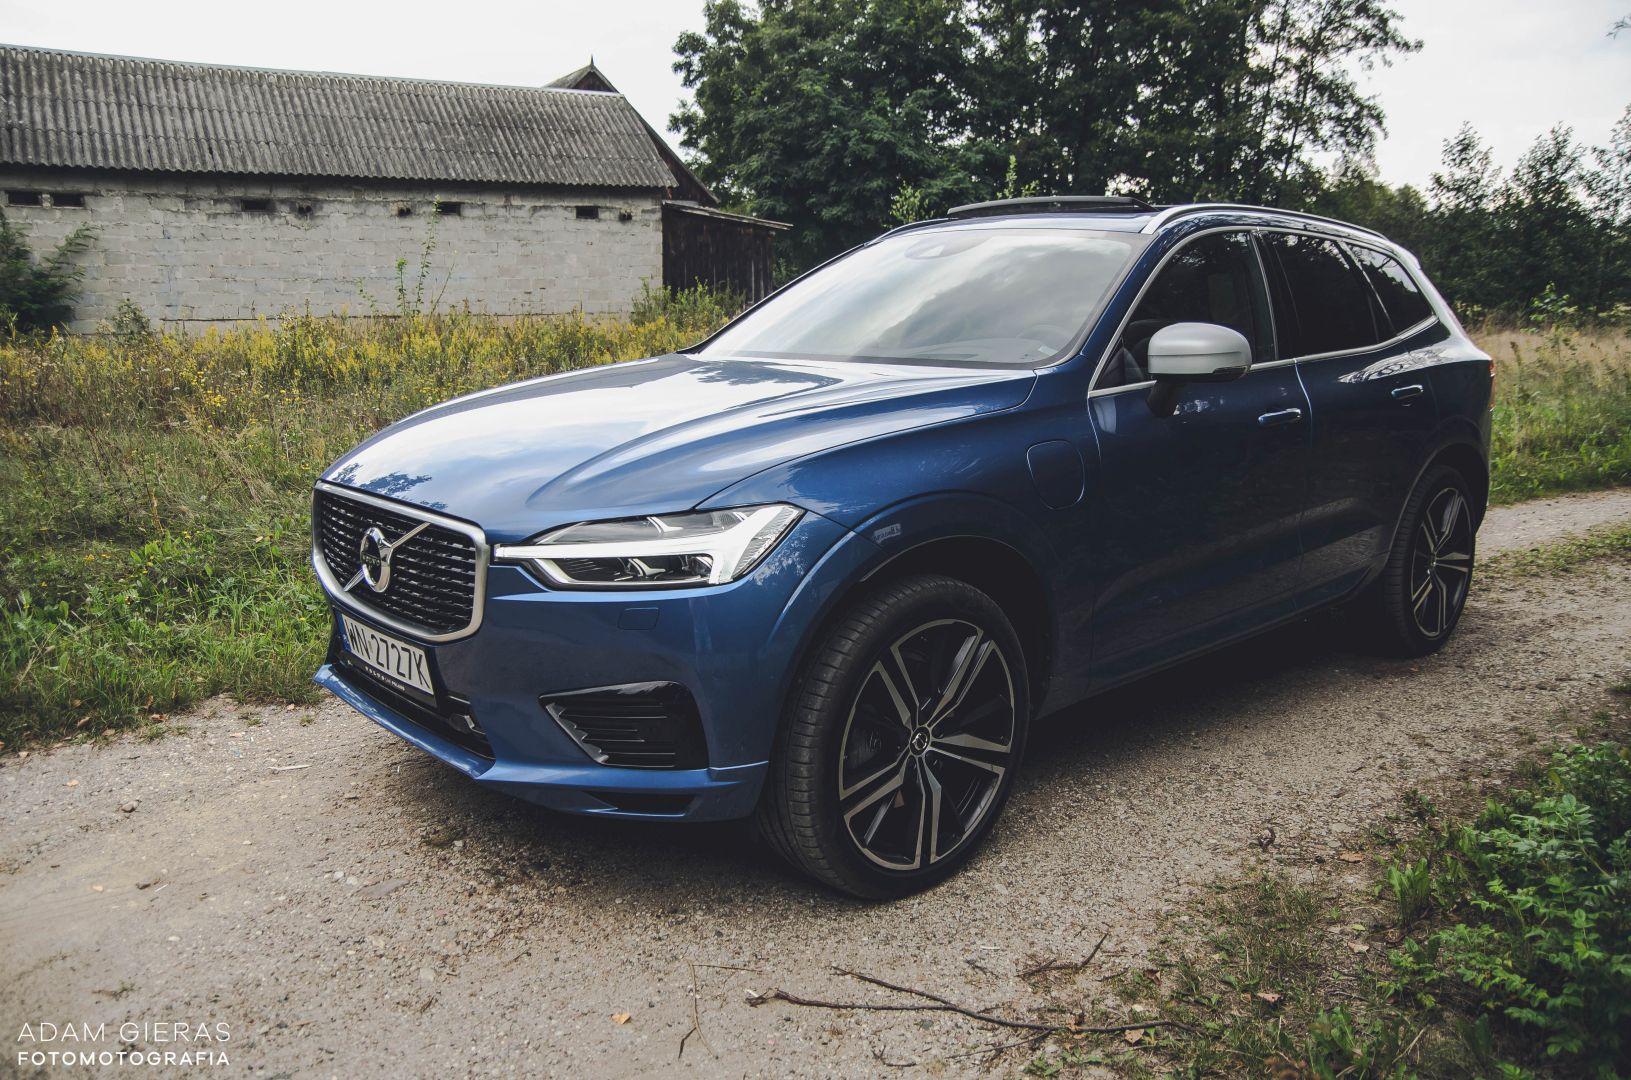 xc60 t8 27 Test: Volvo XC60 T8 R Design   czy taka hybryda w ogóle ma sens?